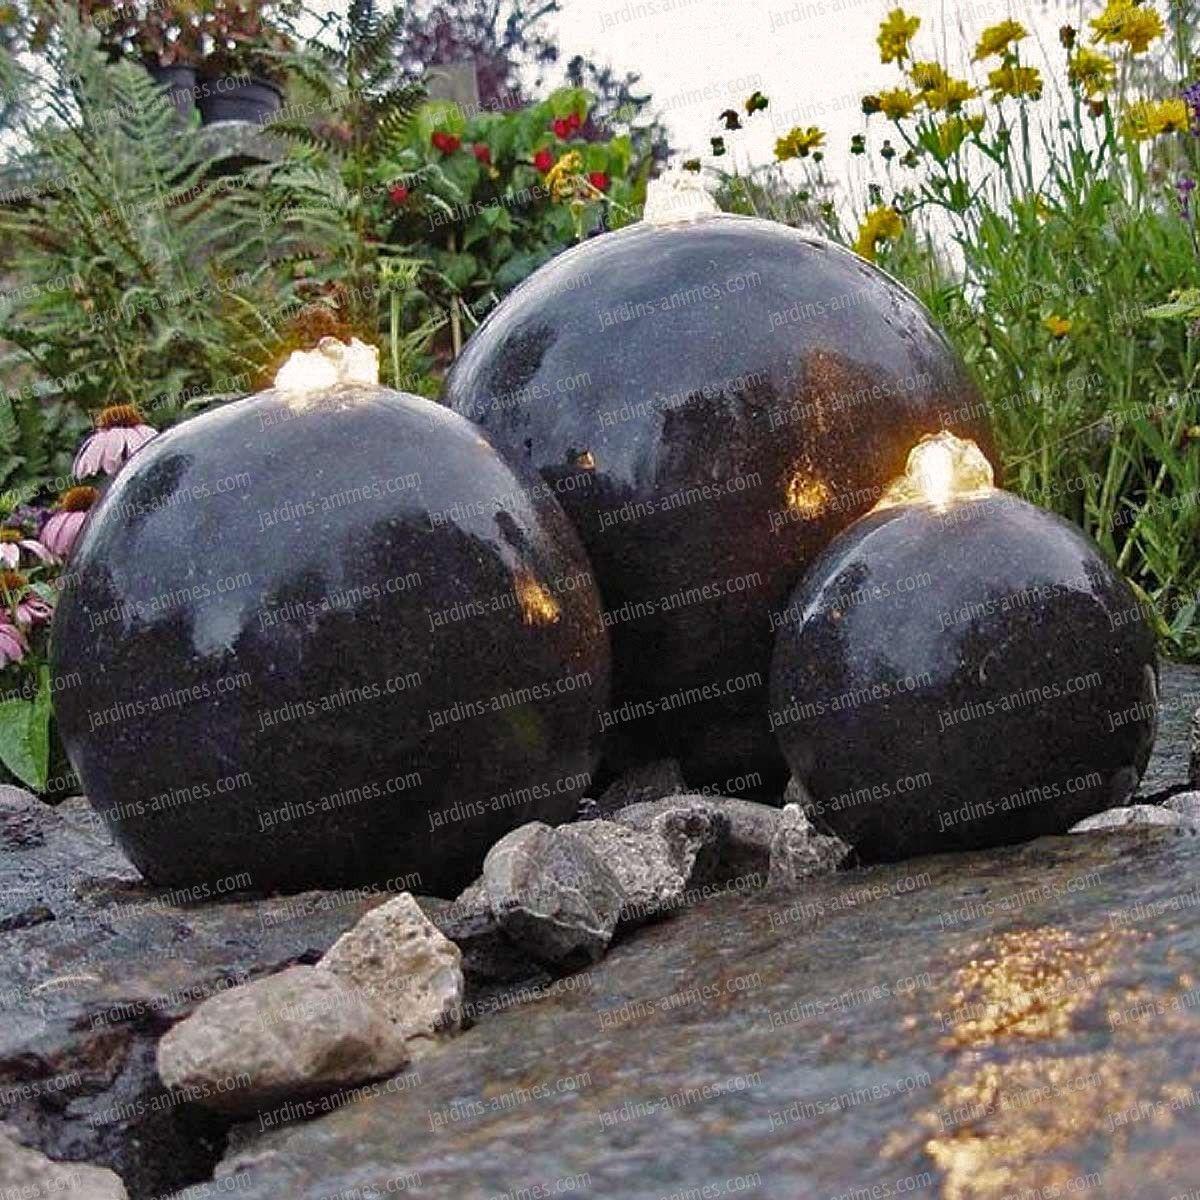 Fontaine De Jardin Lumineuse 3 Sphères | Fontaine De Jardin ... encequiconcerne Accessoires Pour Bassin De Jardin